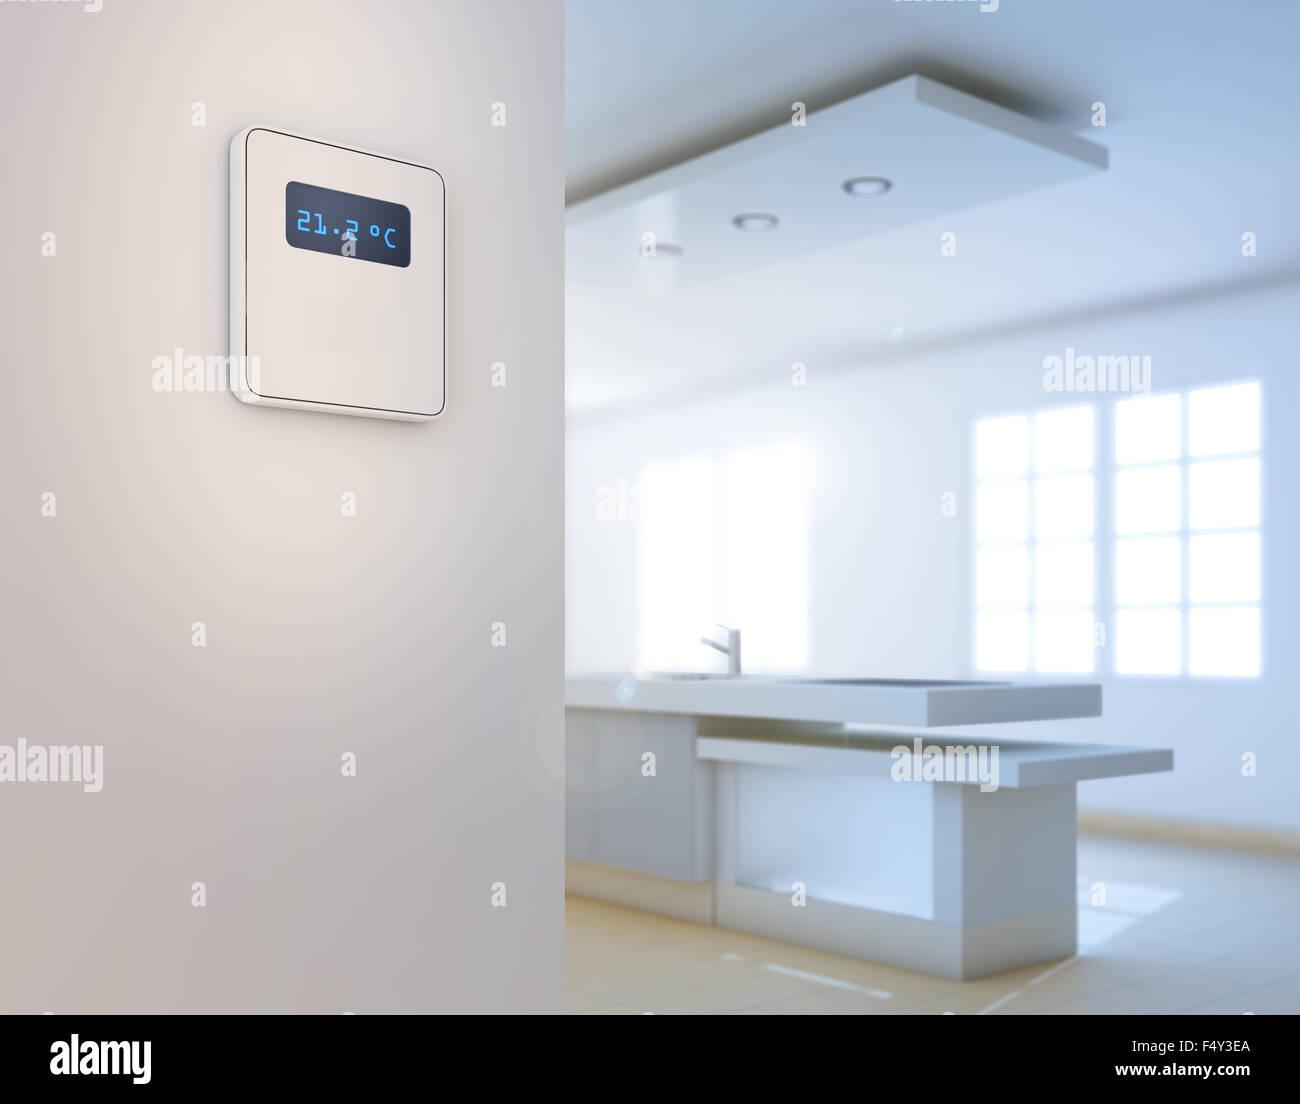 Home-Automation-Hintergrund - intelligentes Haus Konzept Stockbild